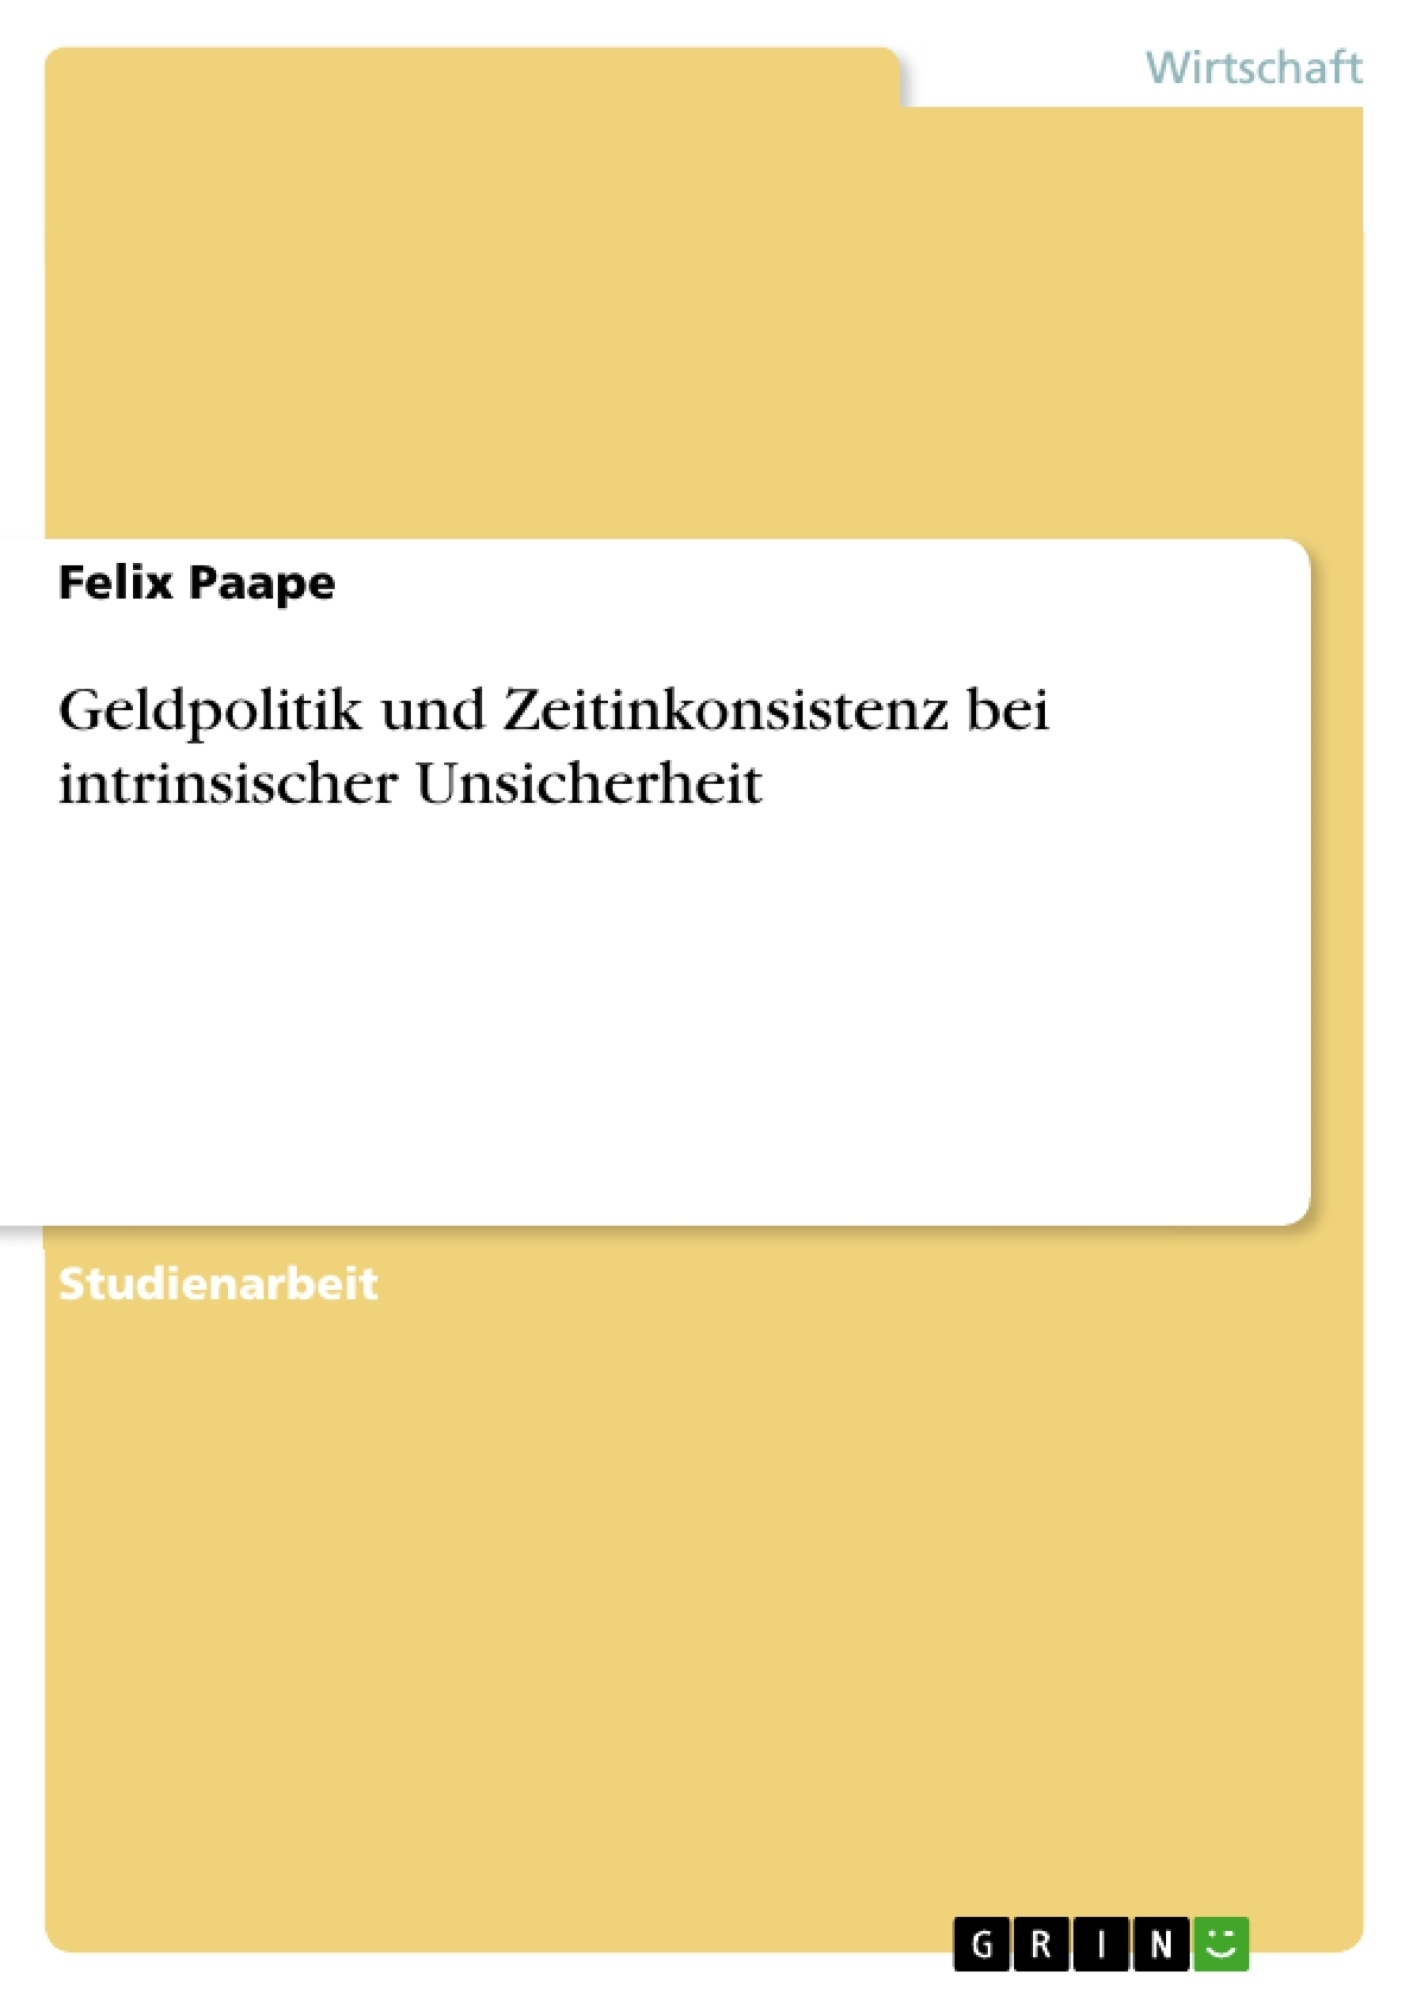 Titel: Geldpolitik und Zeitinkonsistenz bei intrinsischer Unsicherheit